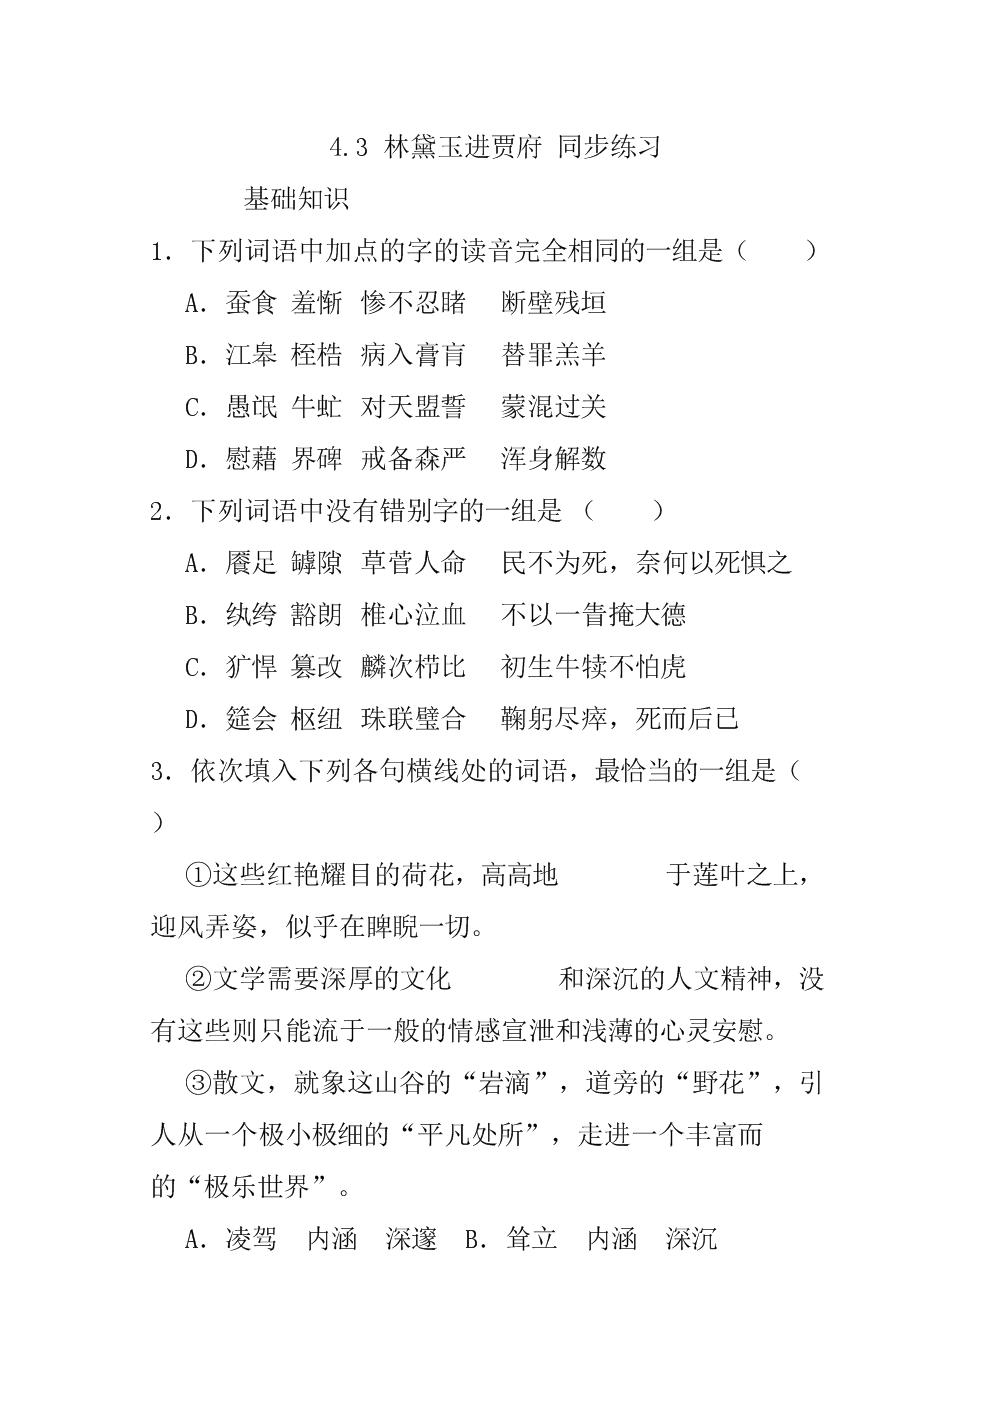 2014苏教版高中语文必修二《林黛玉进贾府》